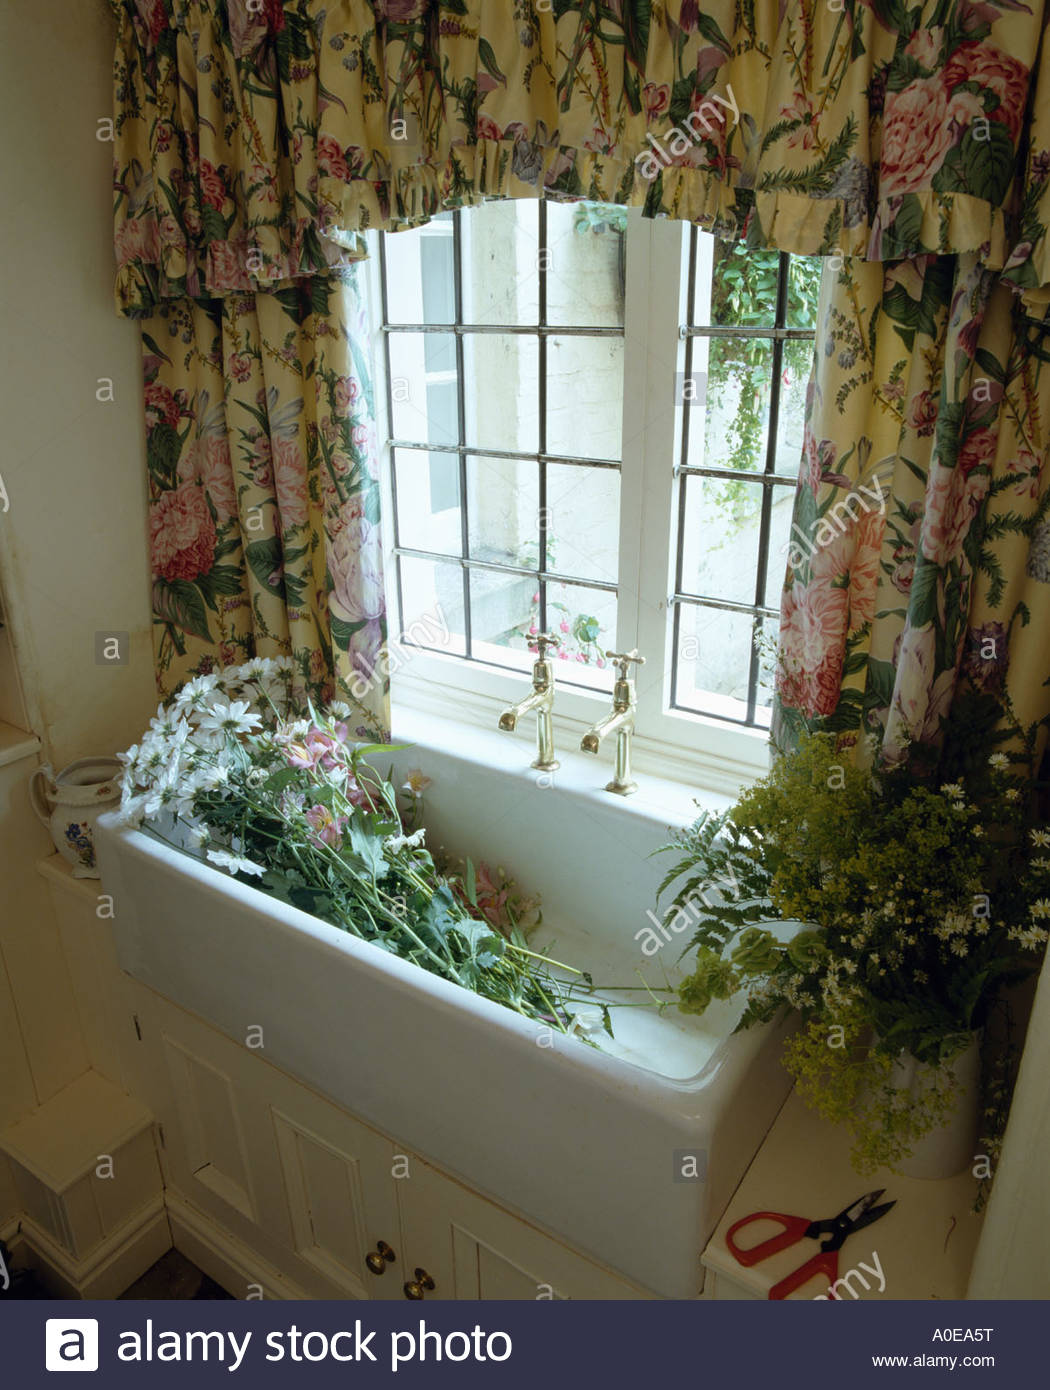 Full Size of Gardinen Küchenfenster Blumen Im Waschbecken Unter Fenster Mit Floral Stockfoto Küche Für Die Wohnzimmer Scheibengardinen Schlafzimmer Wohnzimmer Gardinen Küchenfenster